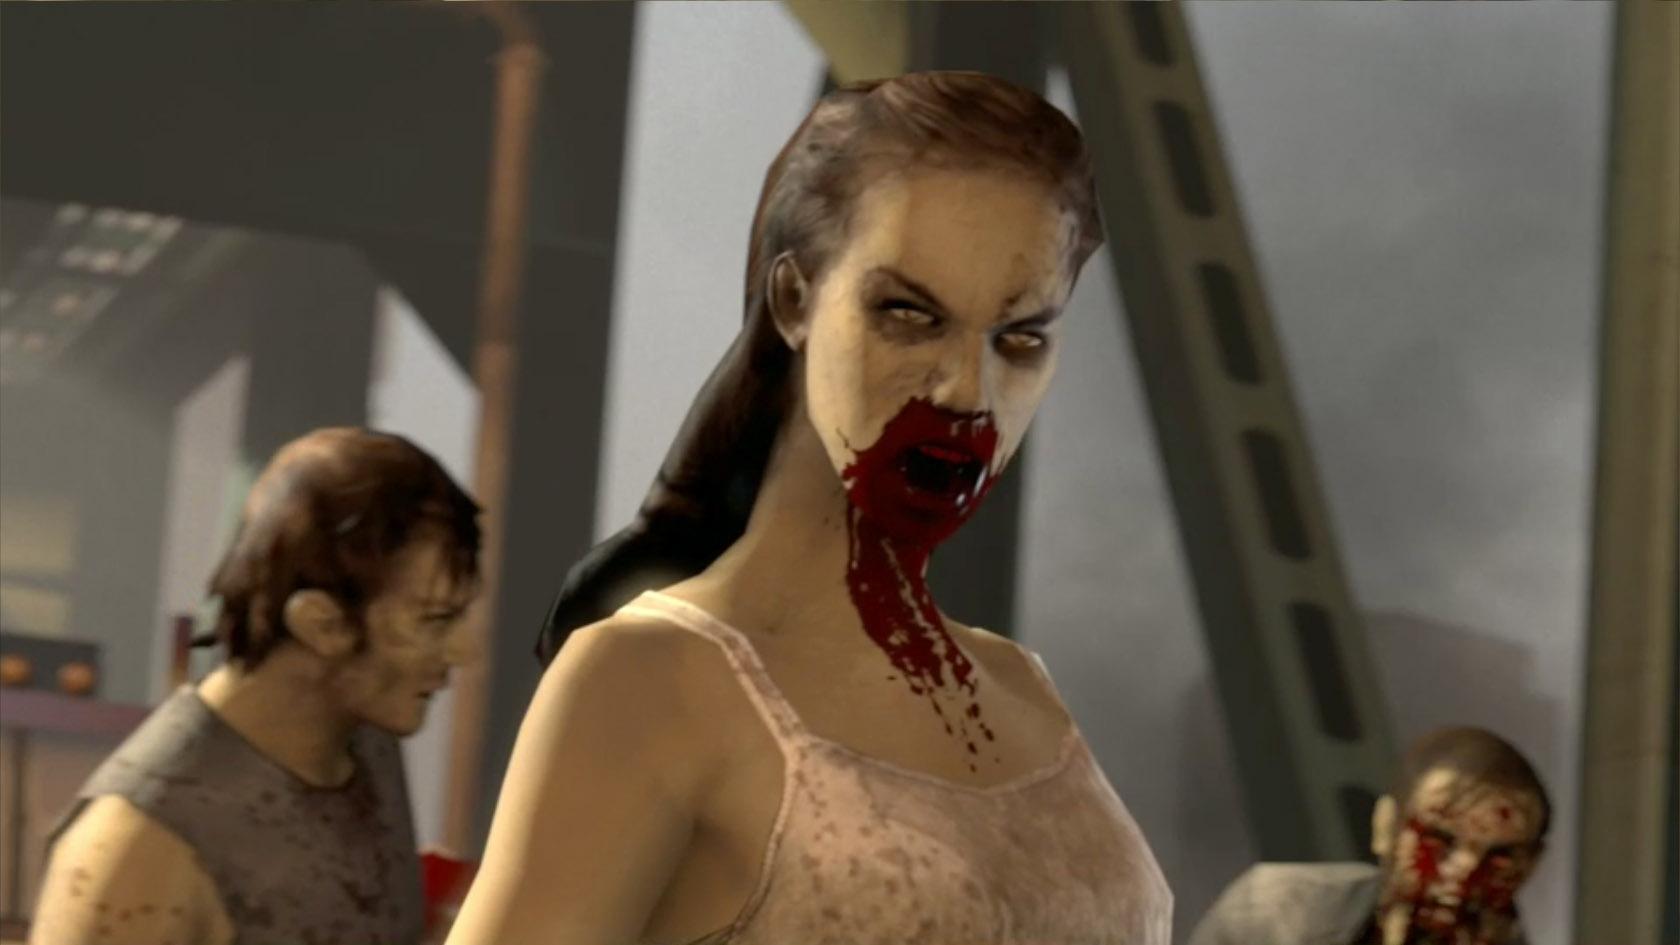 Обзор игры Left 4 Dead 2. Скриншоты из игры Left 4 Dead 2. Информаци…